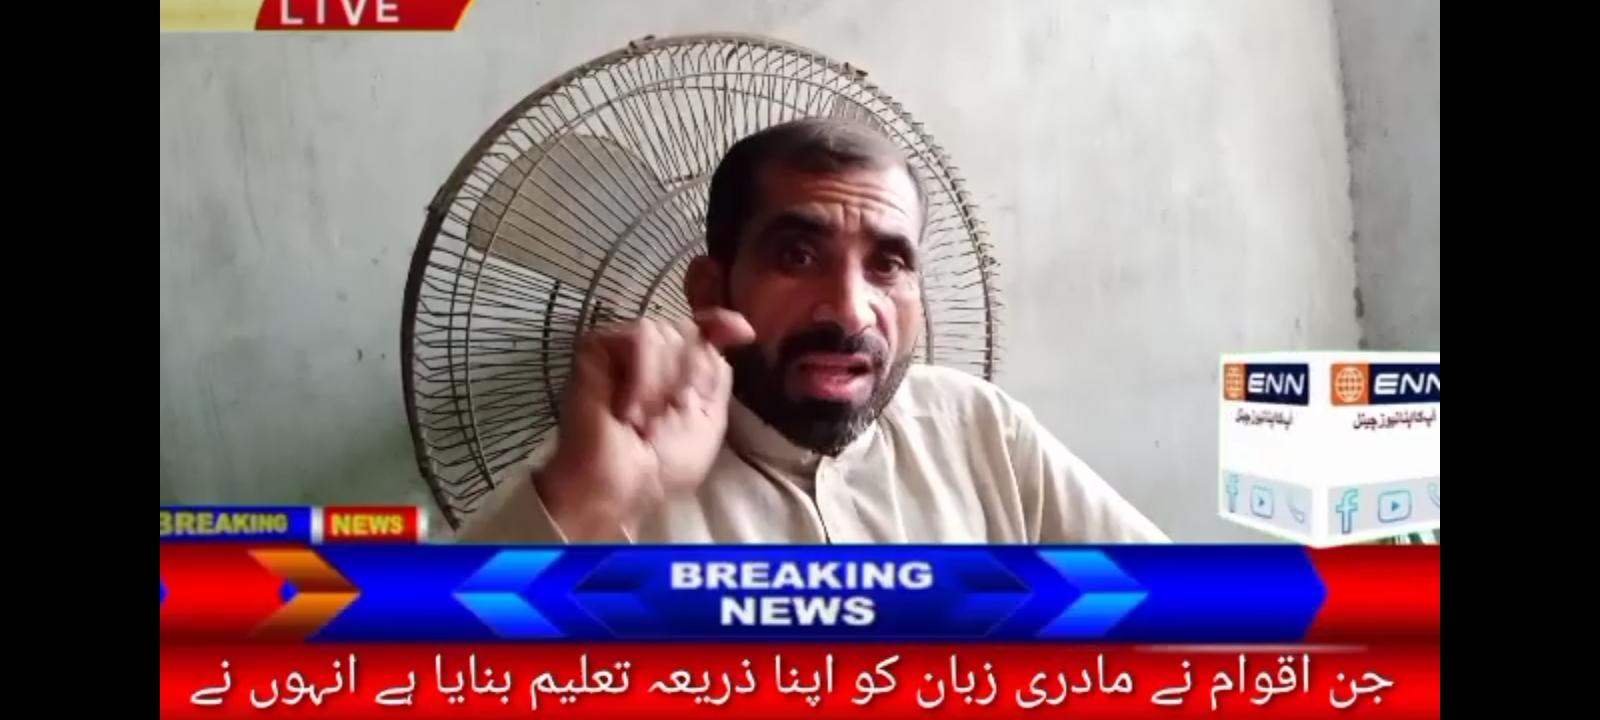 ممتاز سماجی اور سیاسی کارکن شاہ خالد مہمند